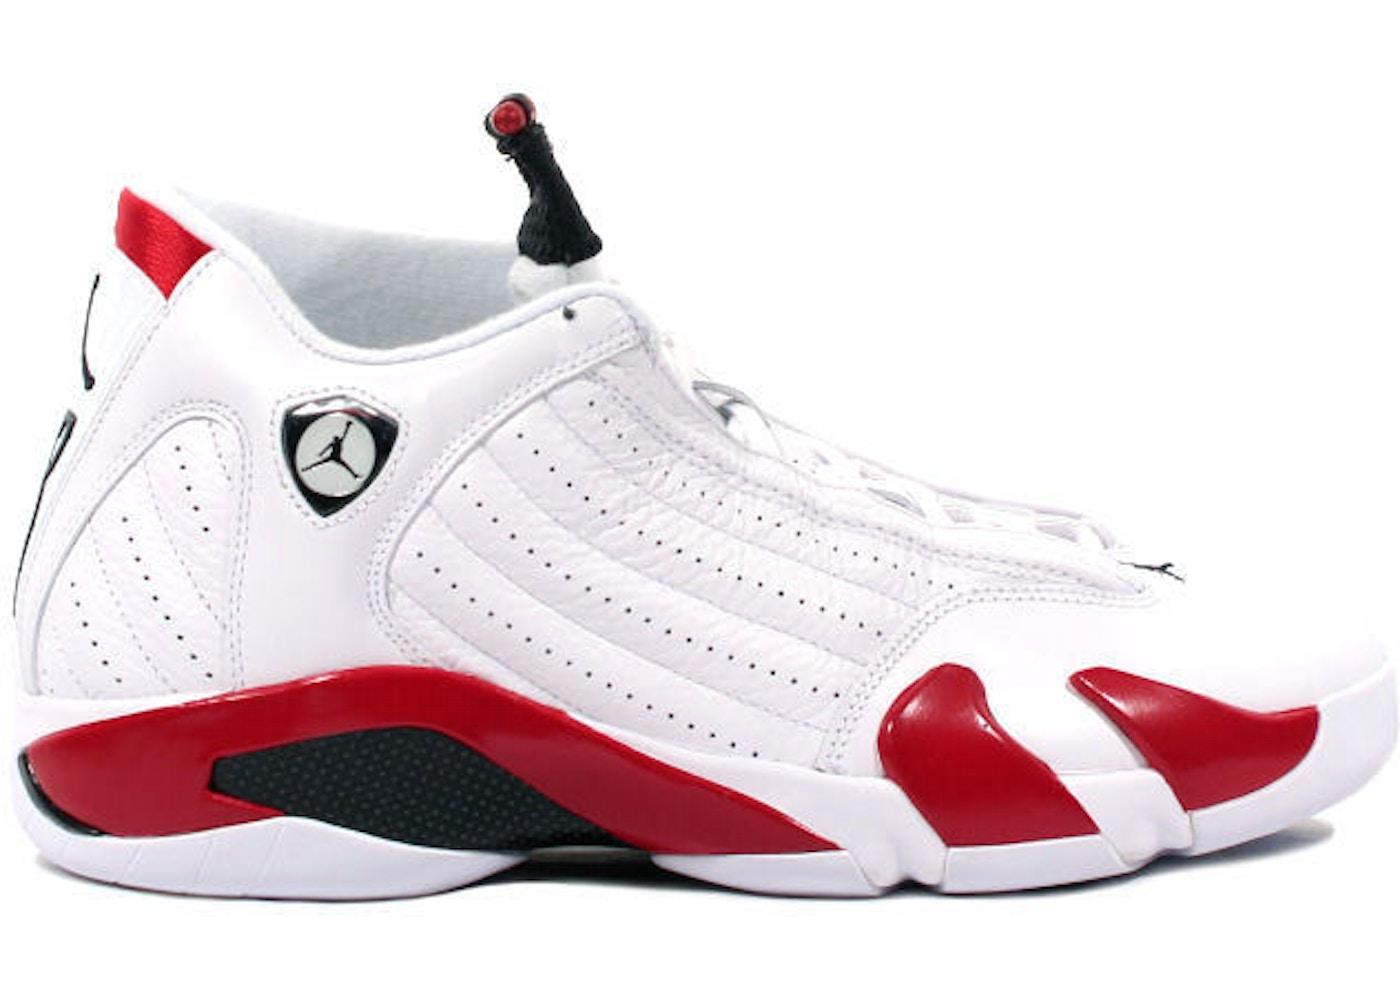 separation shoes 10108 df24a Jordan 14 OG Candy Cane (1999)